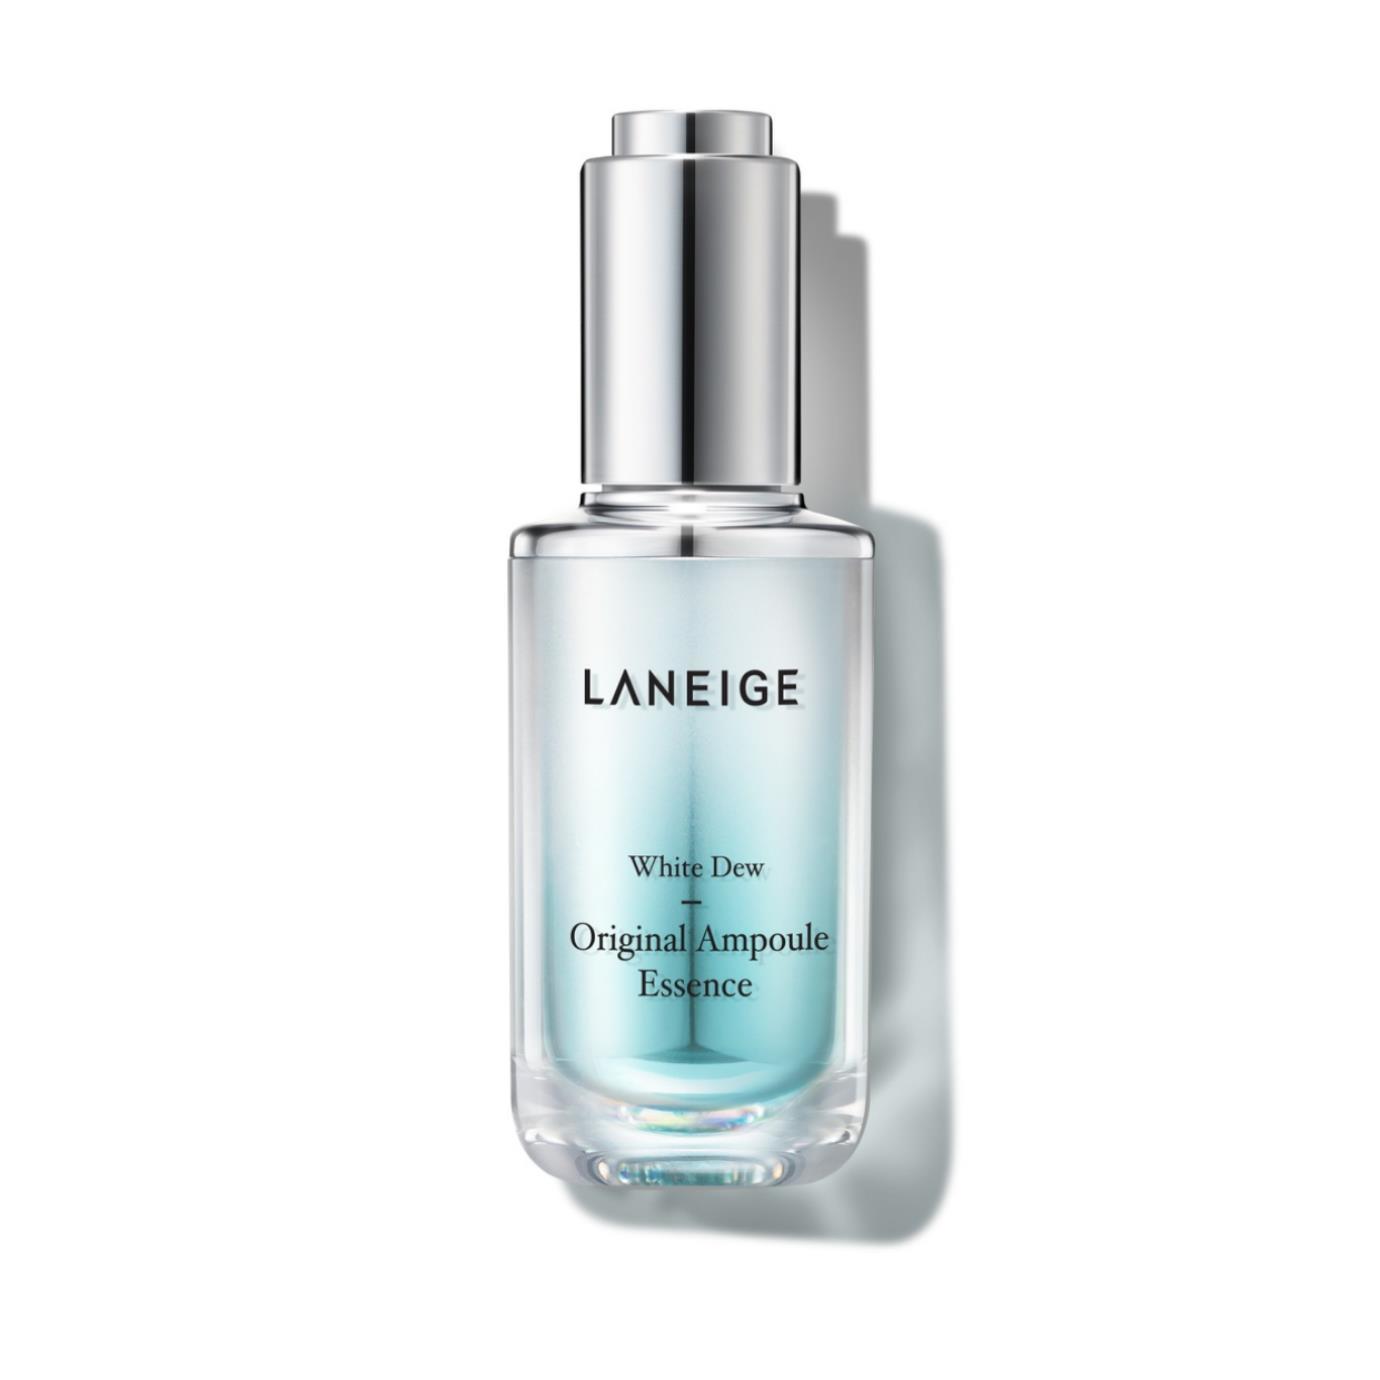 dưỡng trắng da laneige white dew original ampoule essence